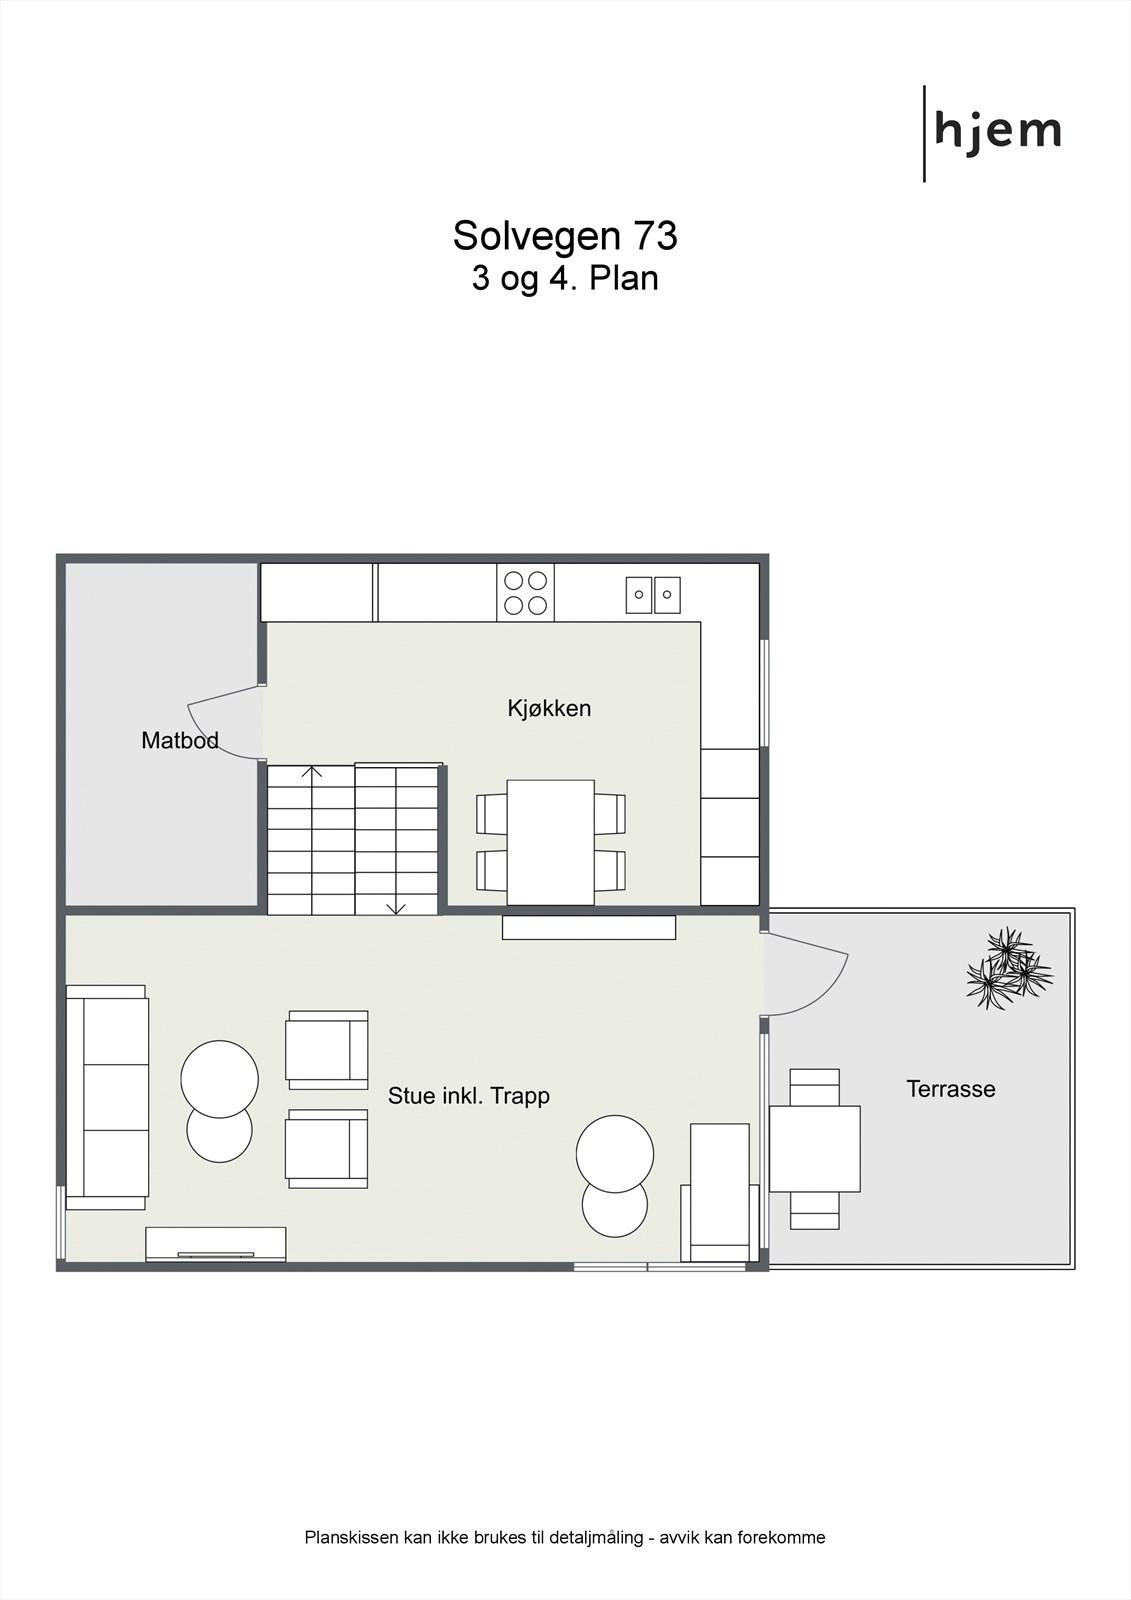 Floorplan letterhead - Solvegen 73 - 3 og 4. Plan - 2D Floor Plan.jpg